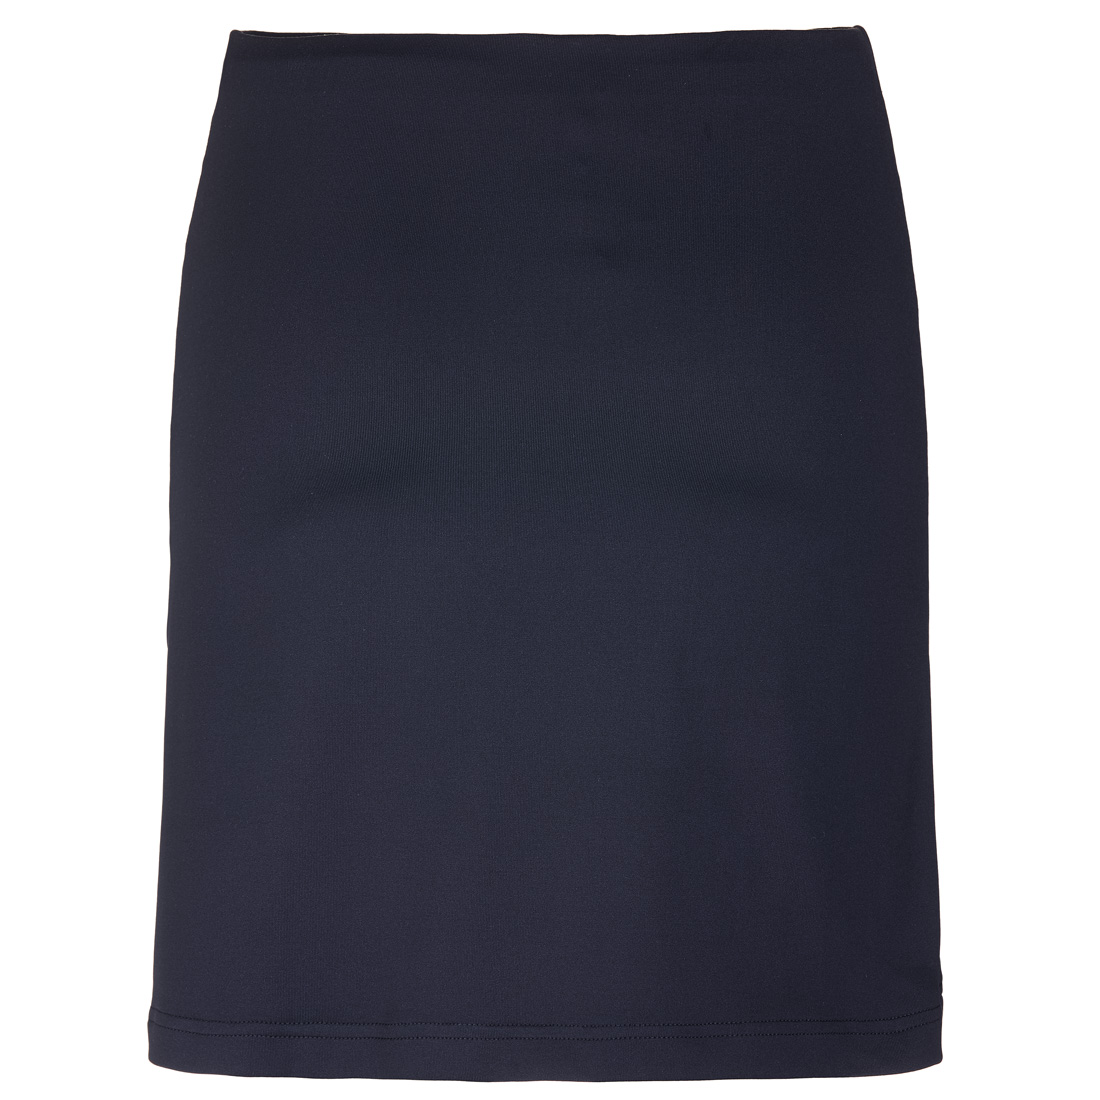 Golfrock Dry Comfort Jersey mit Printmuster und eingearbeiteten Shorts